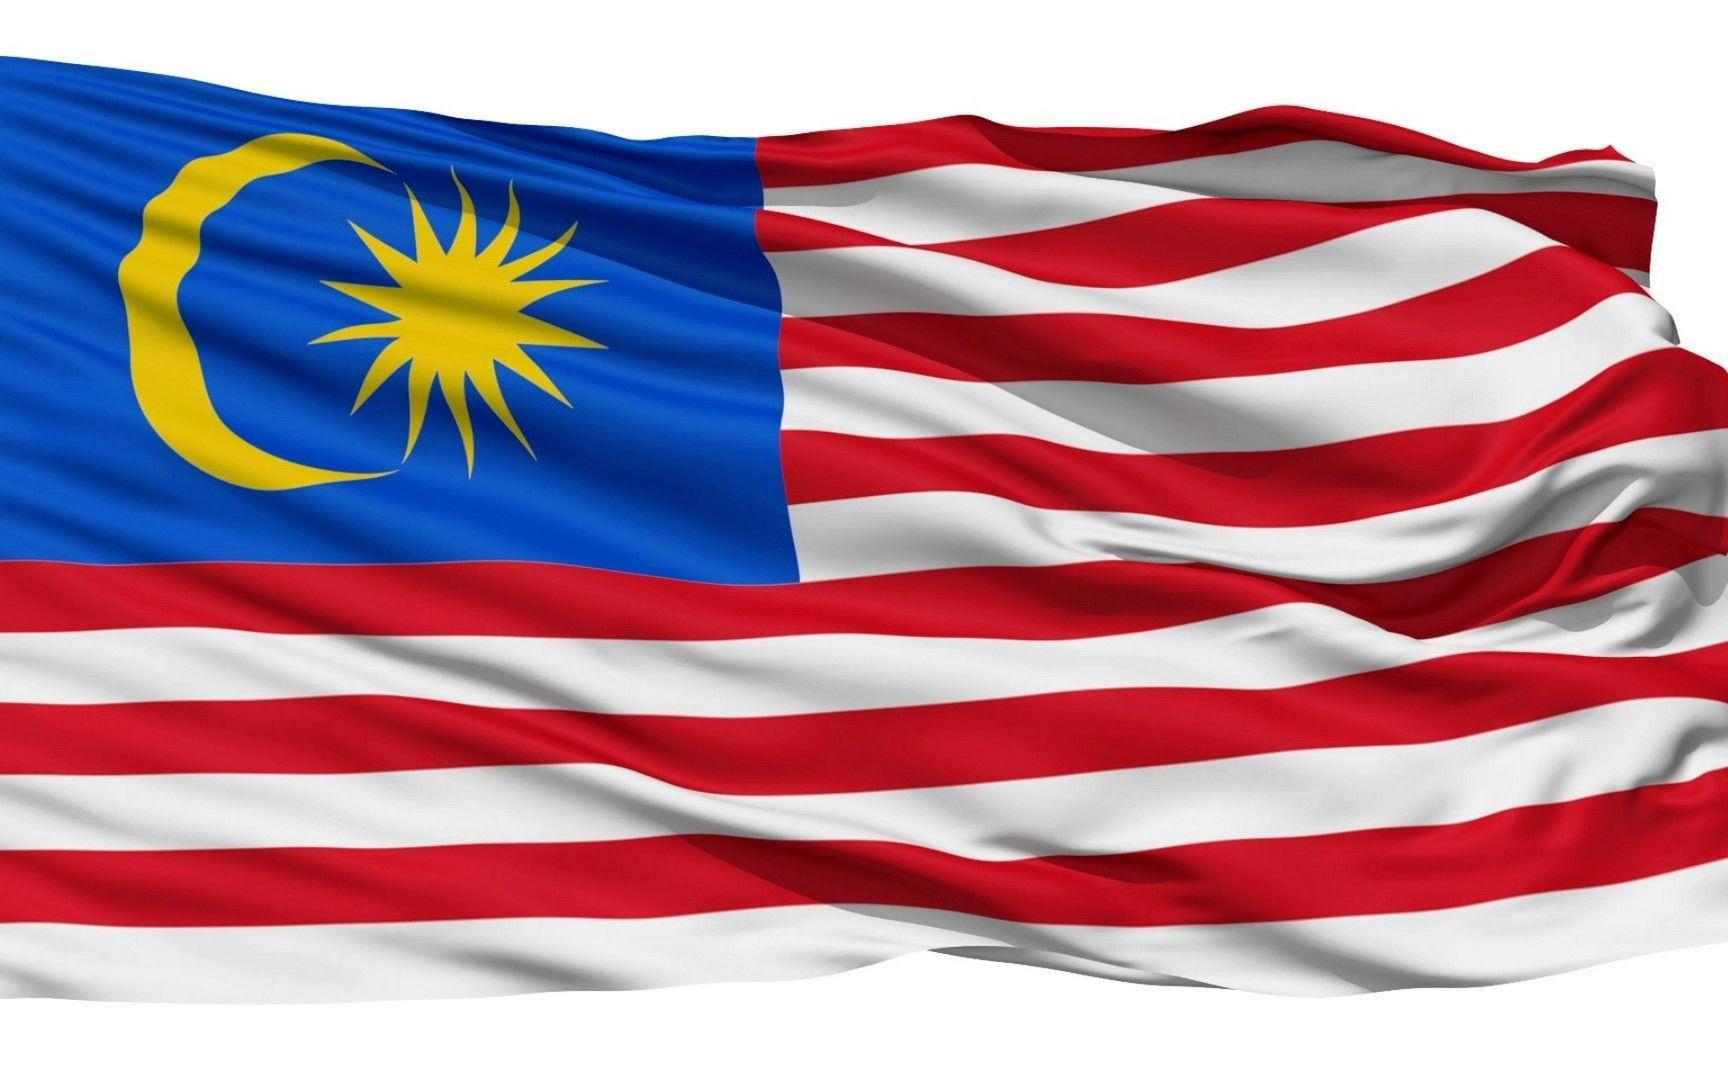 Malaysia Flag Wallpapers - Top Free Malaysia Flag ...